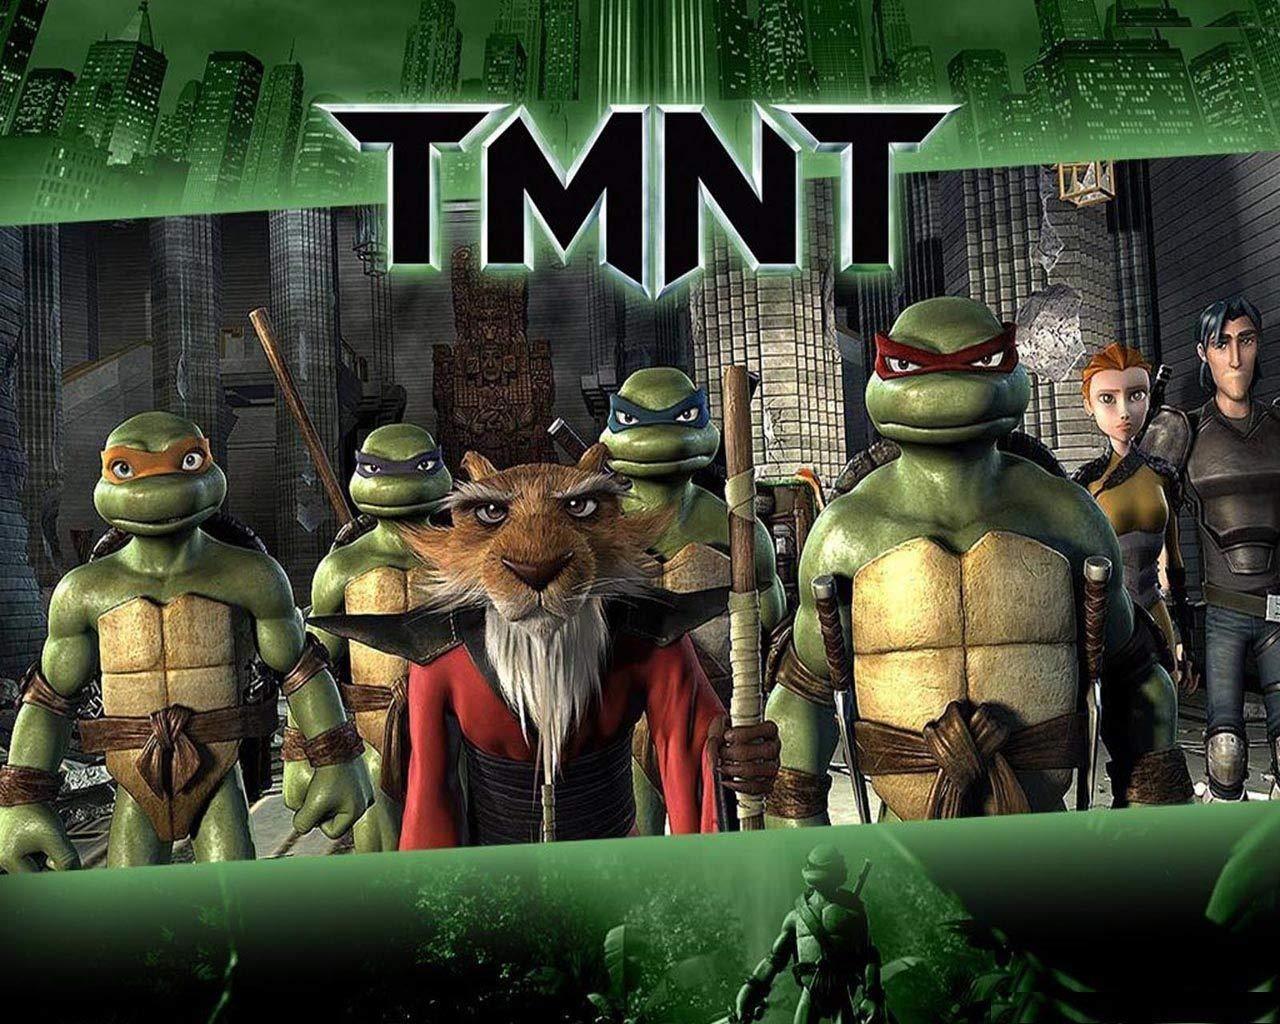 Teenage Mutant Ninja Turtles TMNT Leonardo Donatello Raphael ...